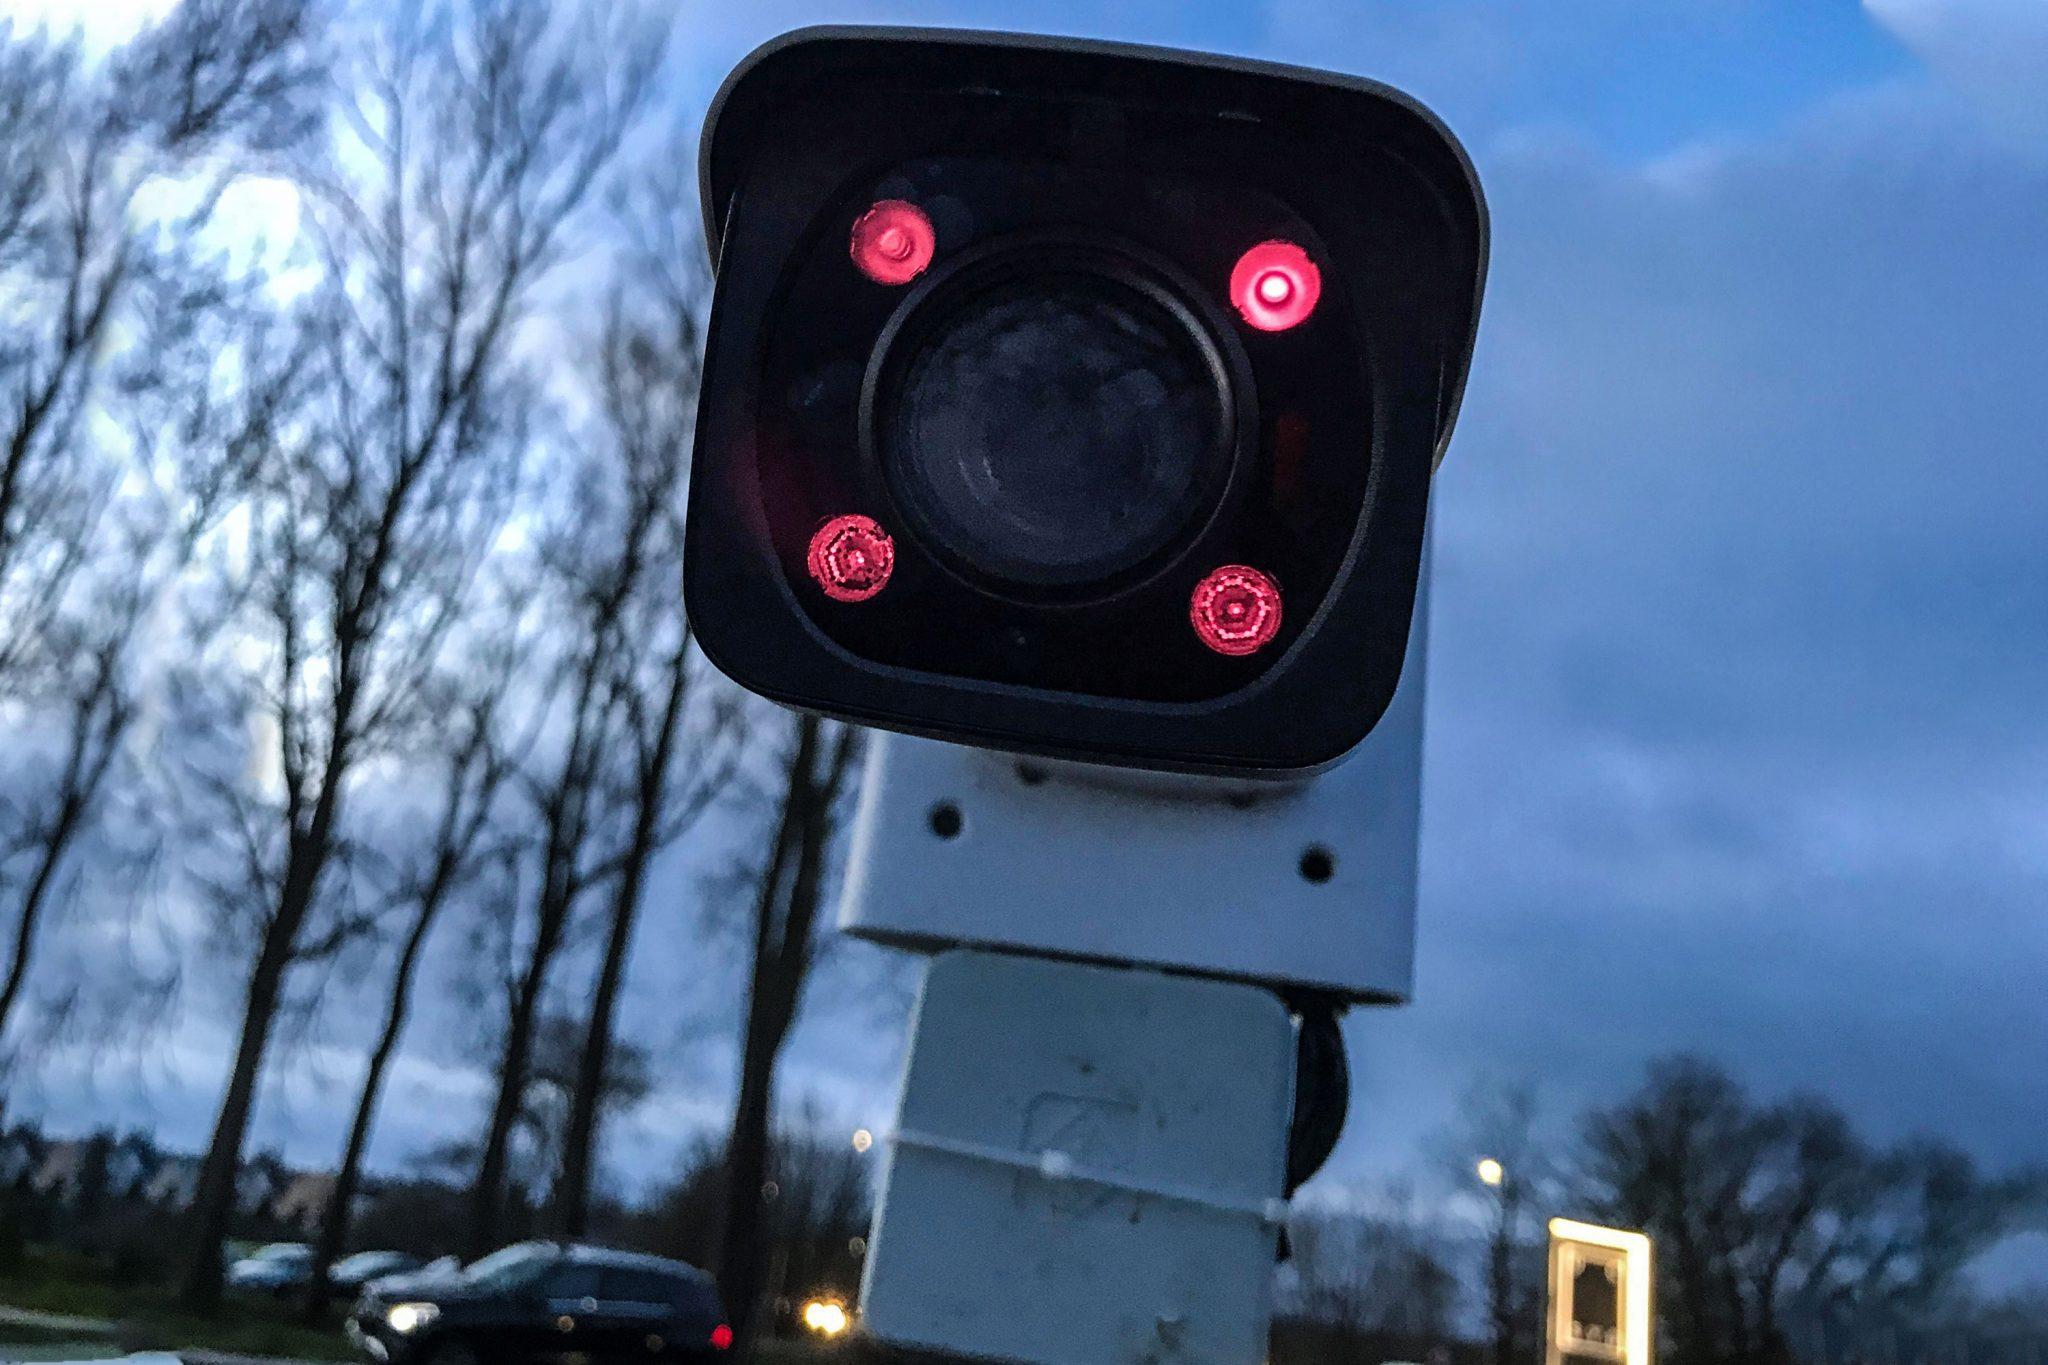 kamera til adfærdsstyring